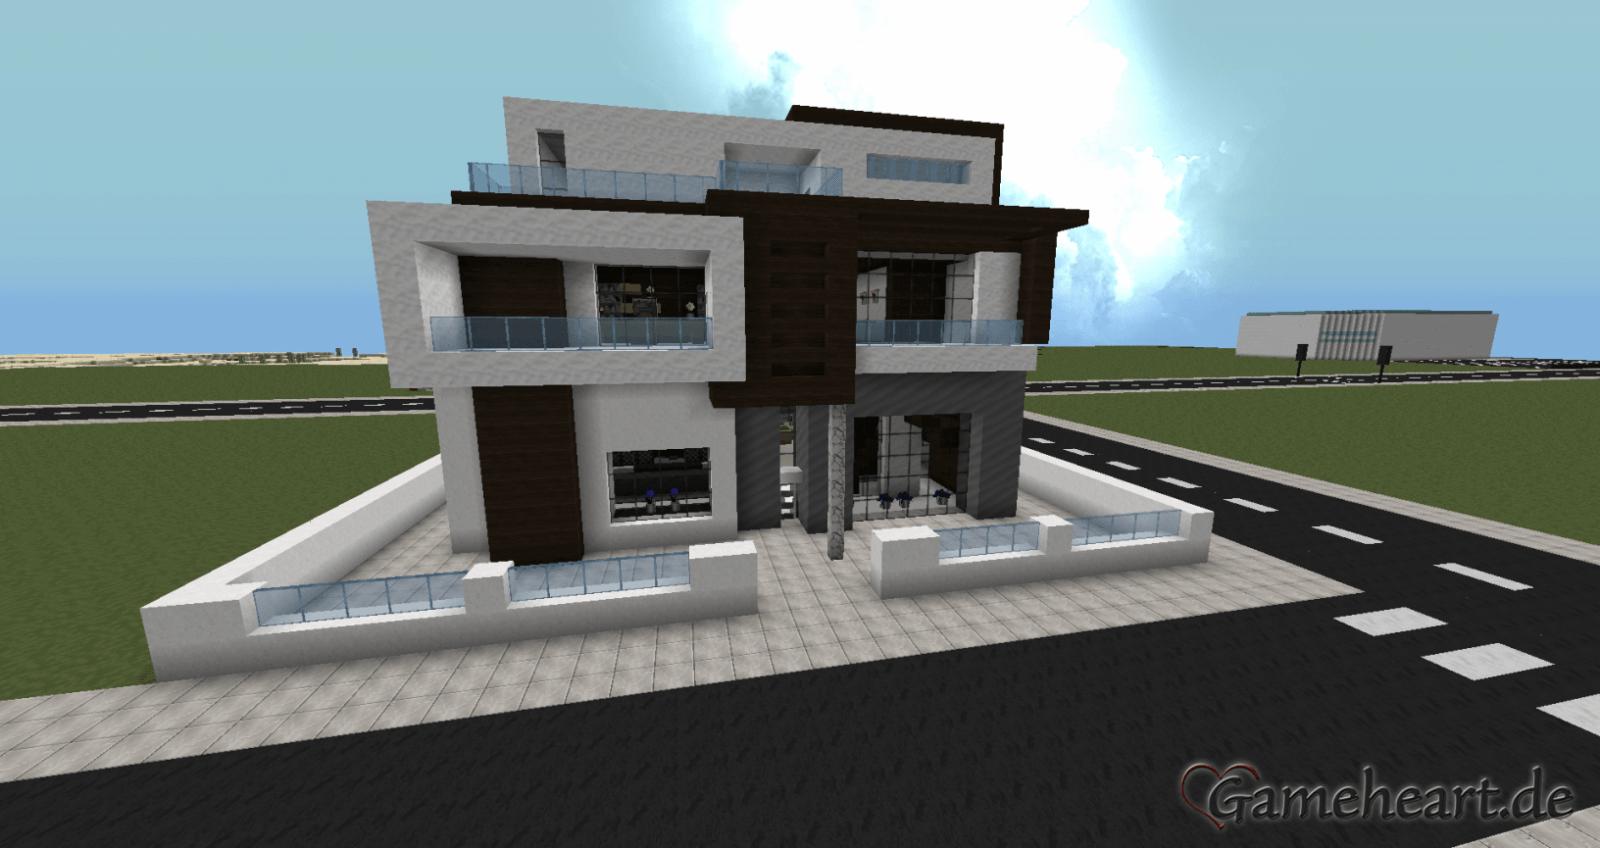 Bild Von Minecraft Häuser Modern Minecraft Haus Bauen Modernes Avec von Minecraft Modernes Haus Bauplan Photo